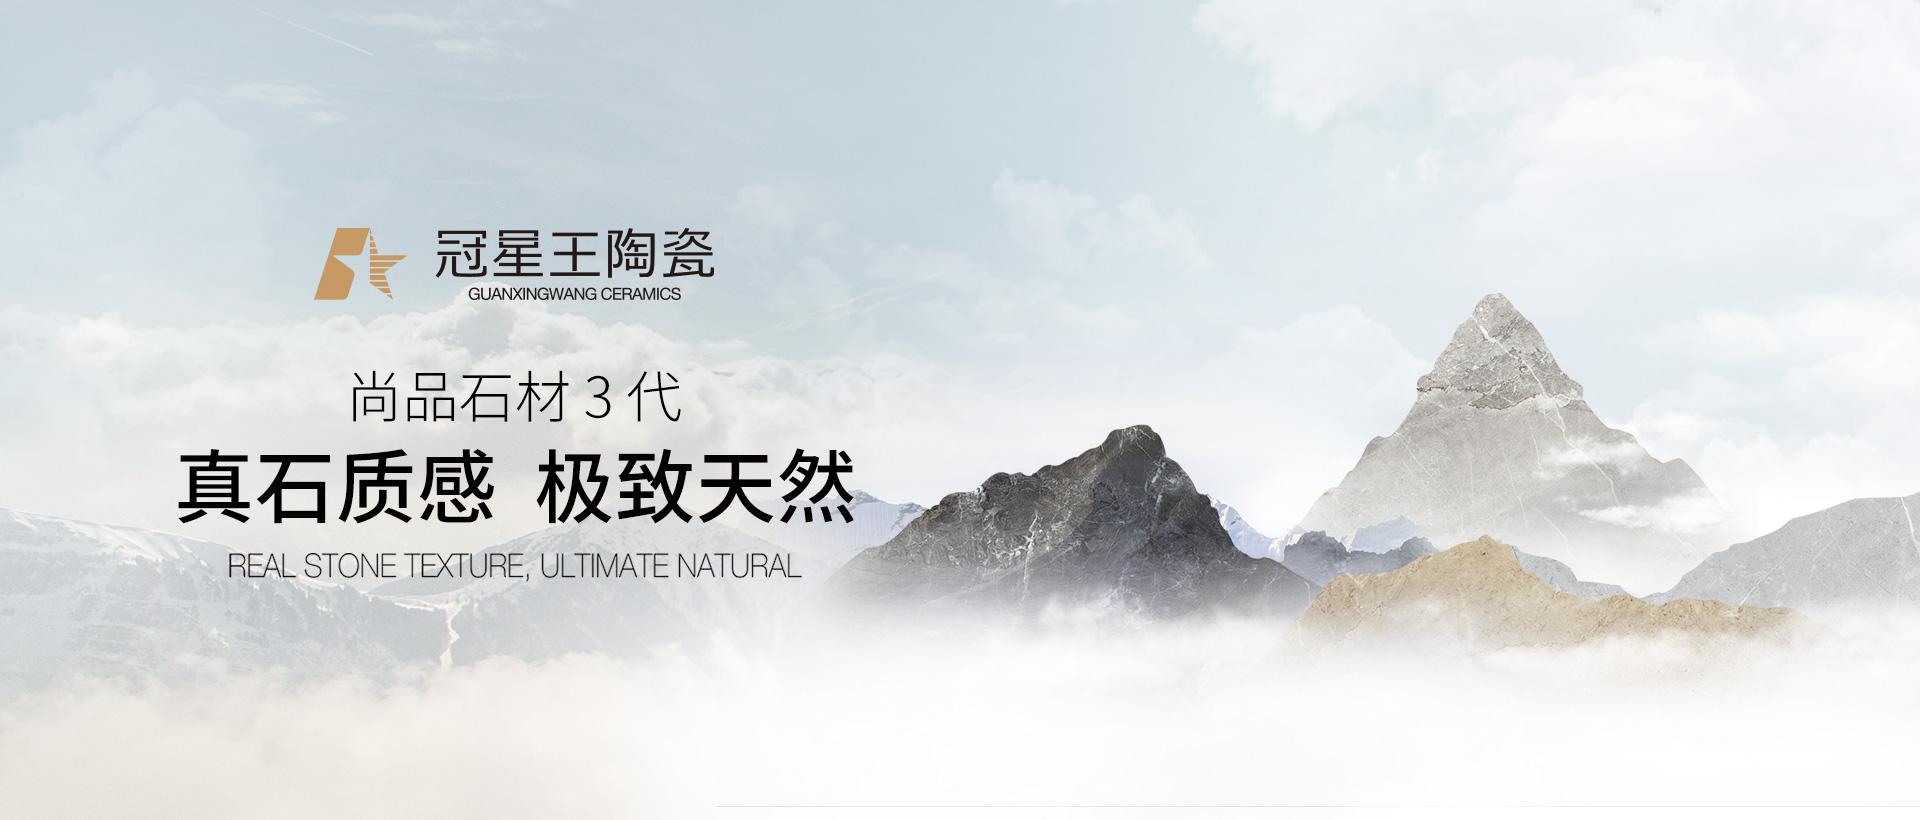 广东冠星陶瓷企业有限公司